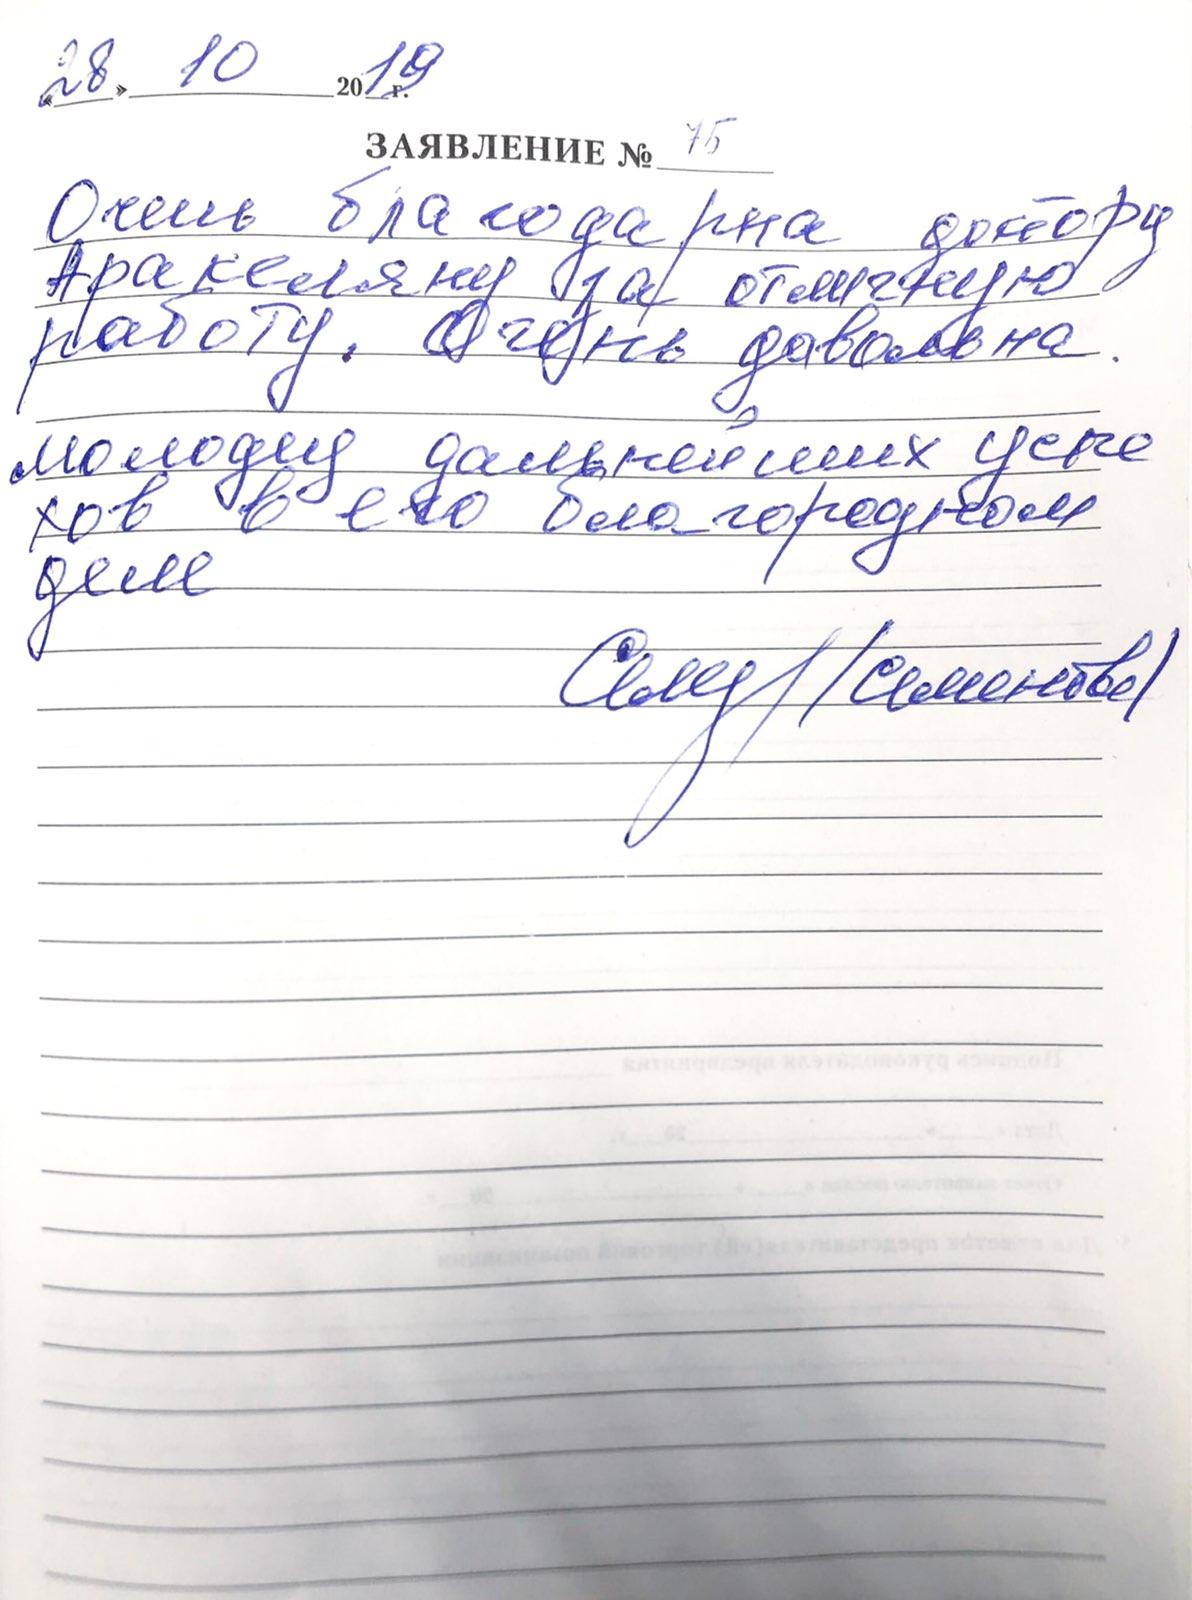 <em>Редактировать Отзыв</em> Зоя Васильевна. Стоматология Фларт